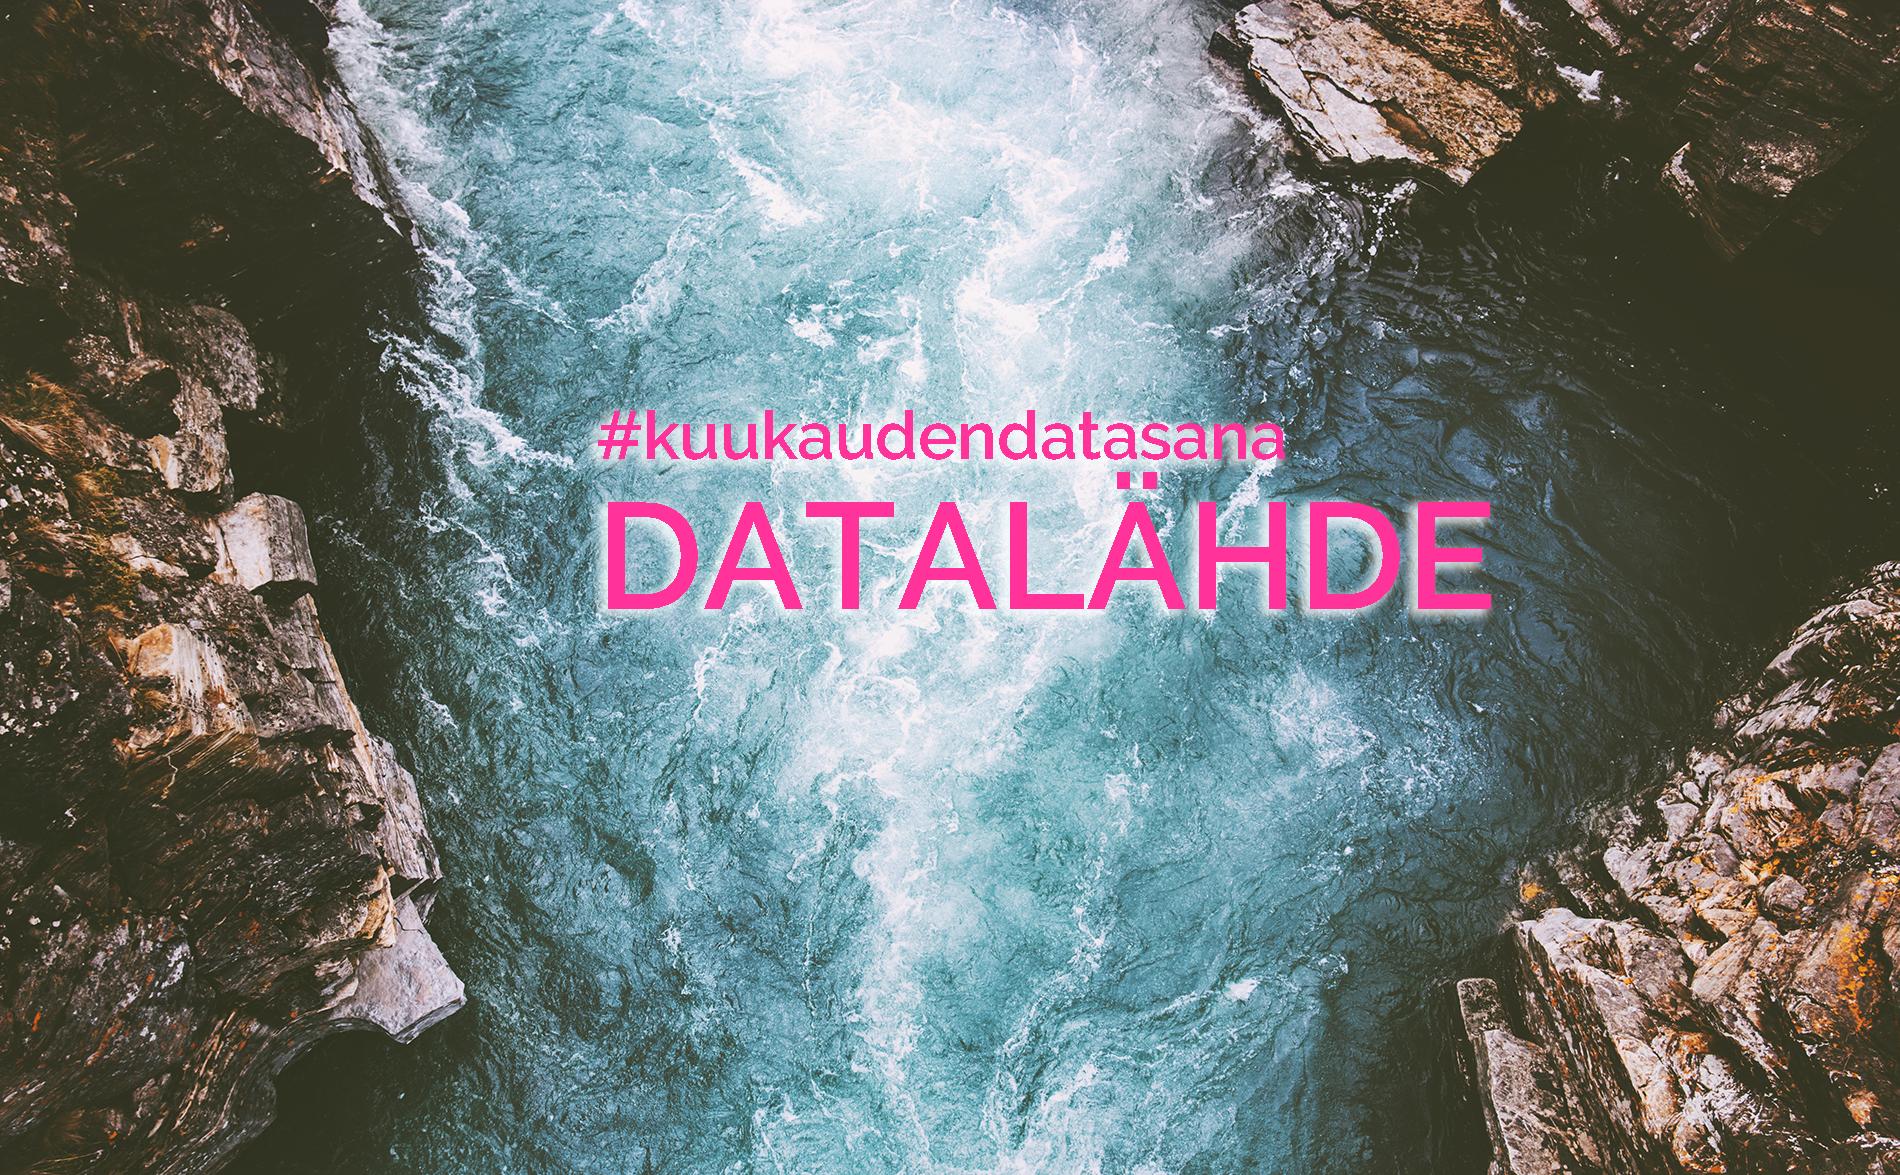 """Sana """"datalähde"""" kuohuvan kosken päällä."""